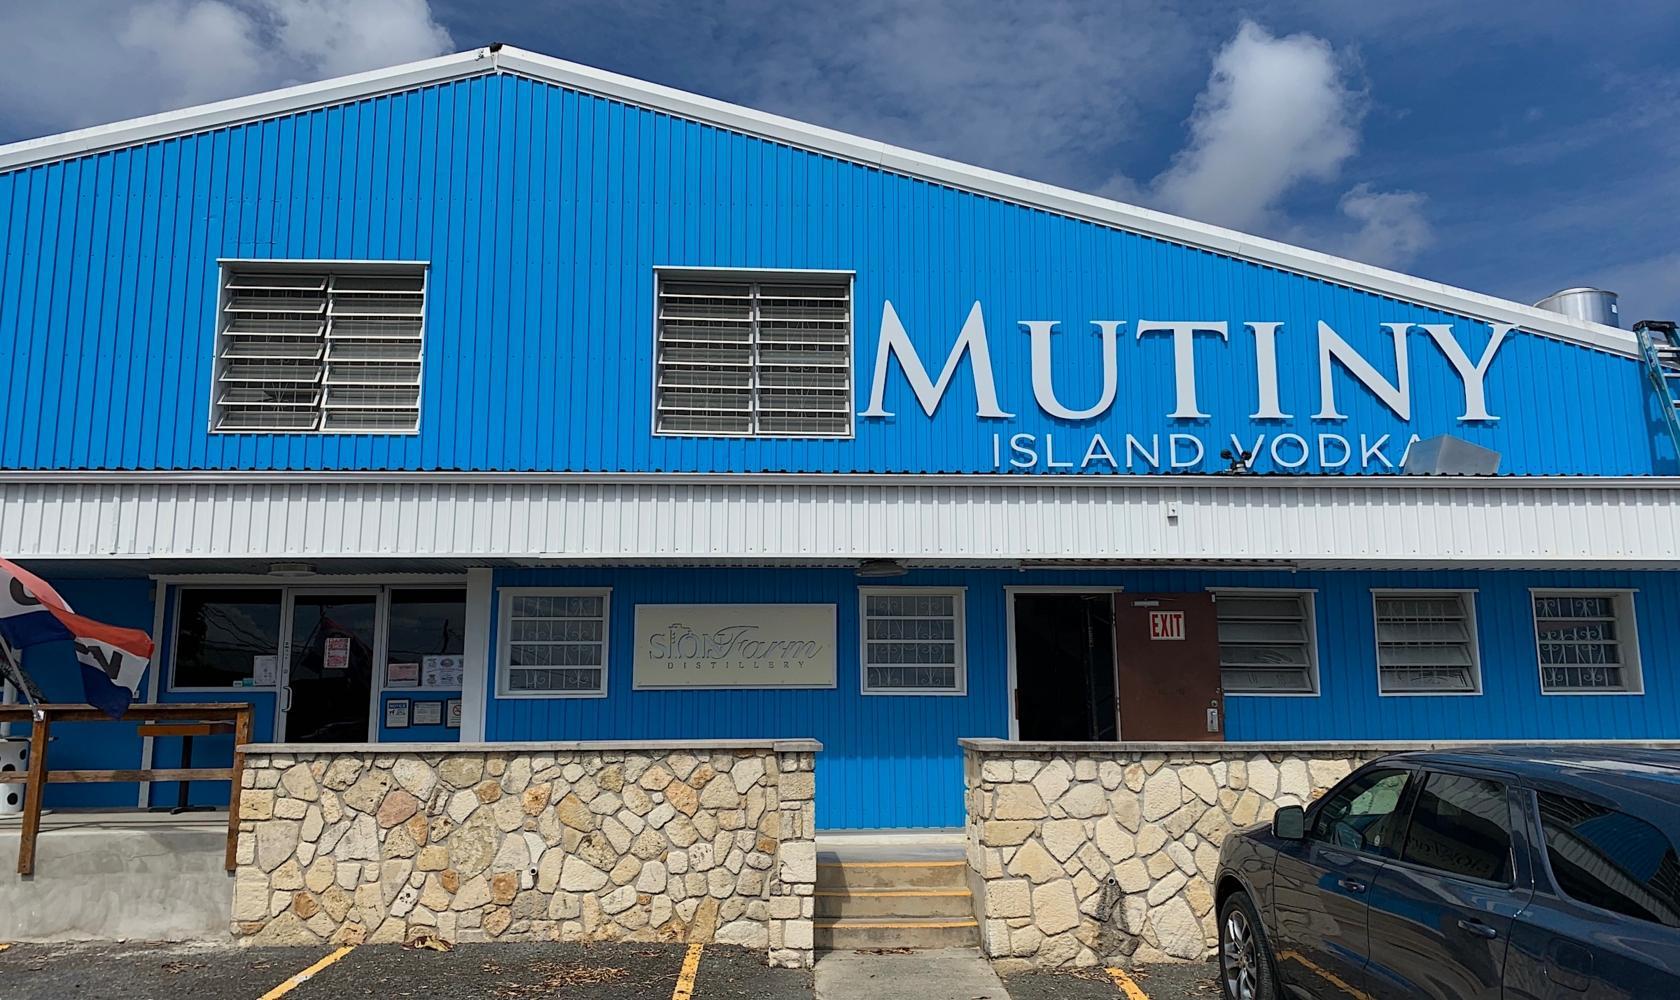 Scion Farm Distillery - Mutiny Vodka Building